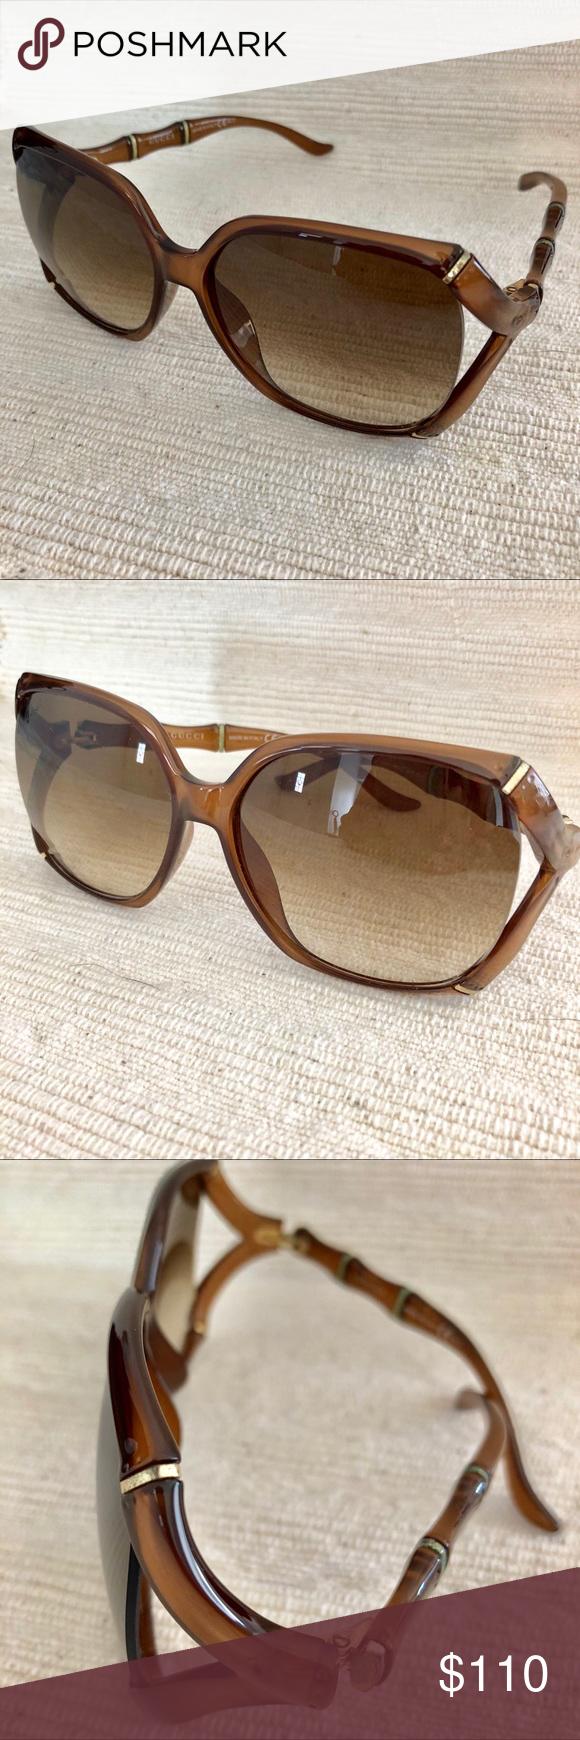 00f617e967104 Gucci Bamboo Square Sunglasses Brown Gucci Sunglasses GG 3508 S • glasses  are in good condition